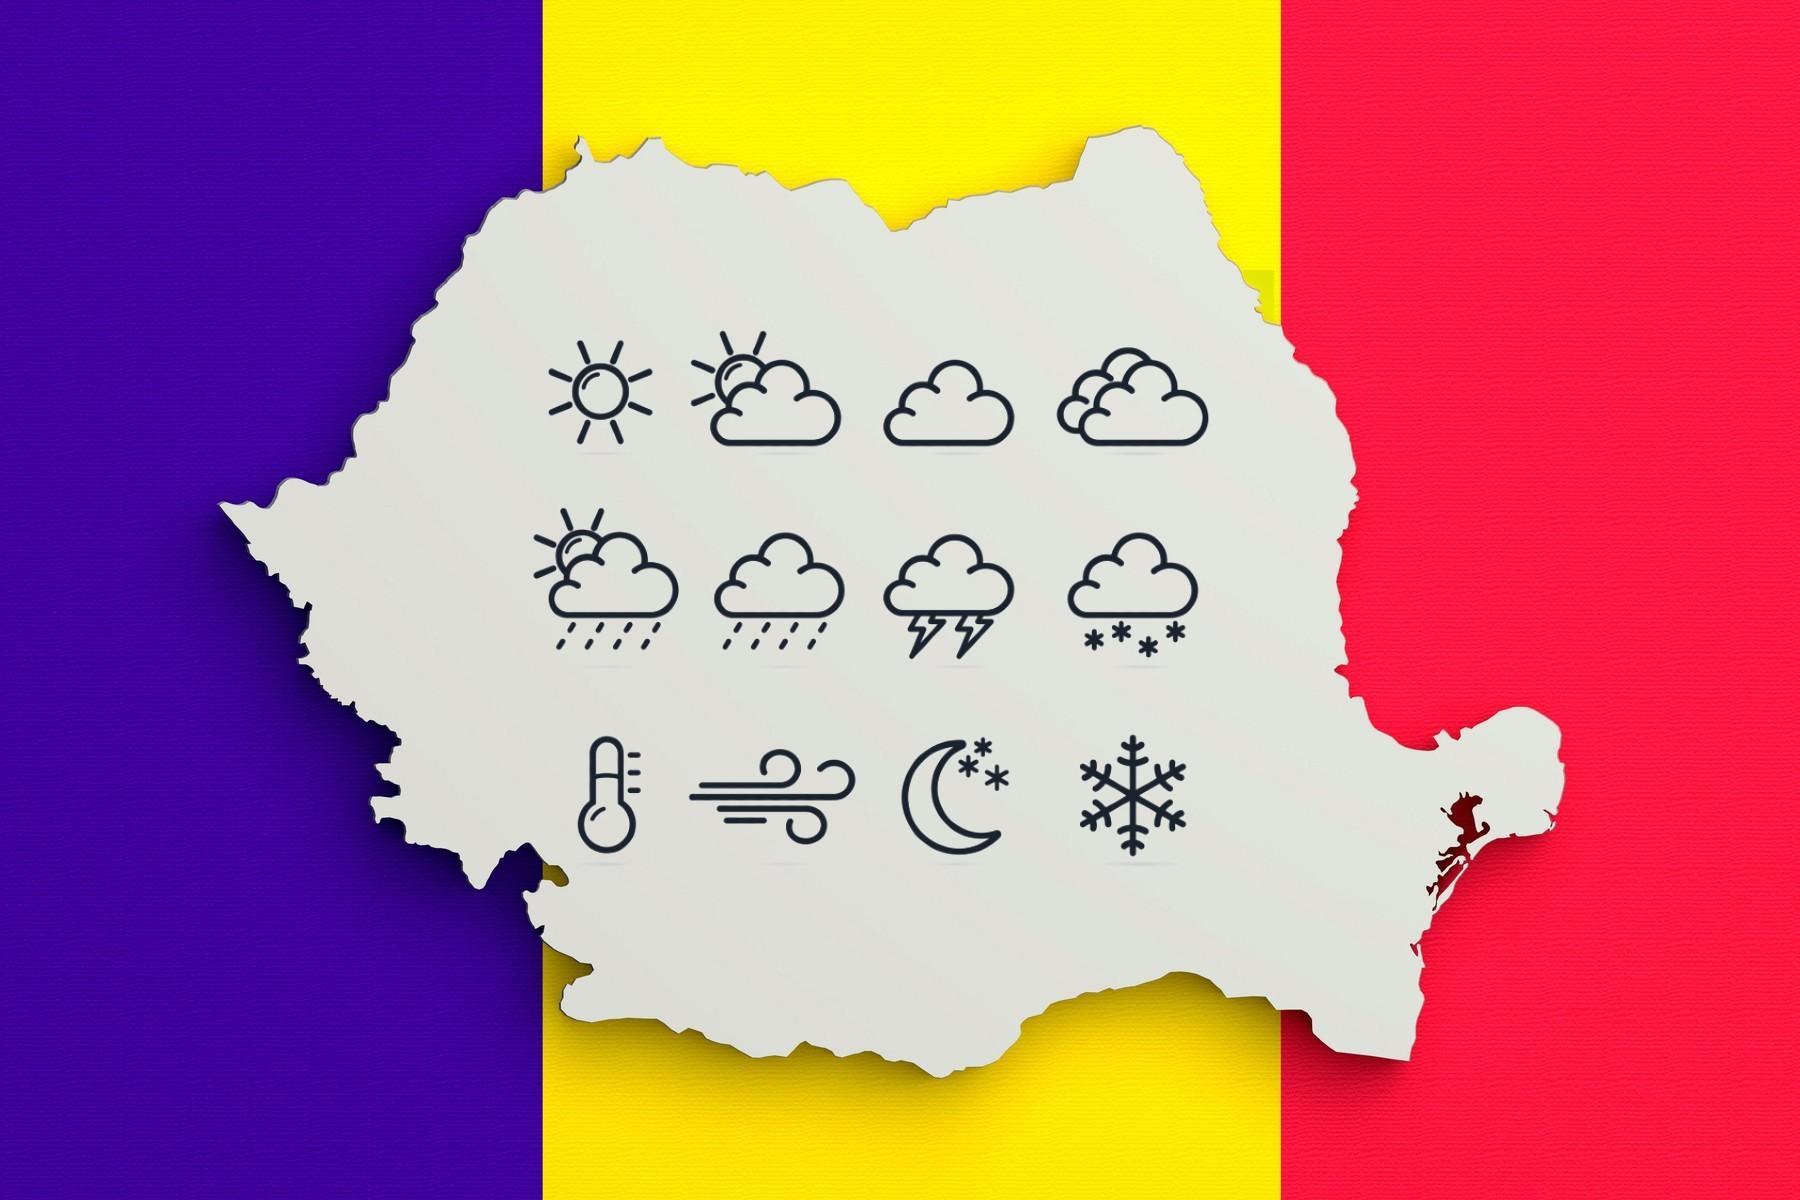 Prognoza meteo 28 februarie 2021. Cum e vremea în România și care sunt previziunile ANM pentru astăzi